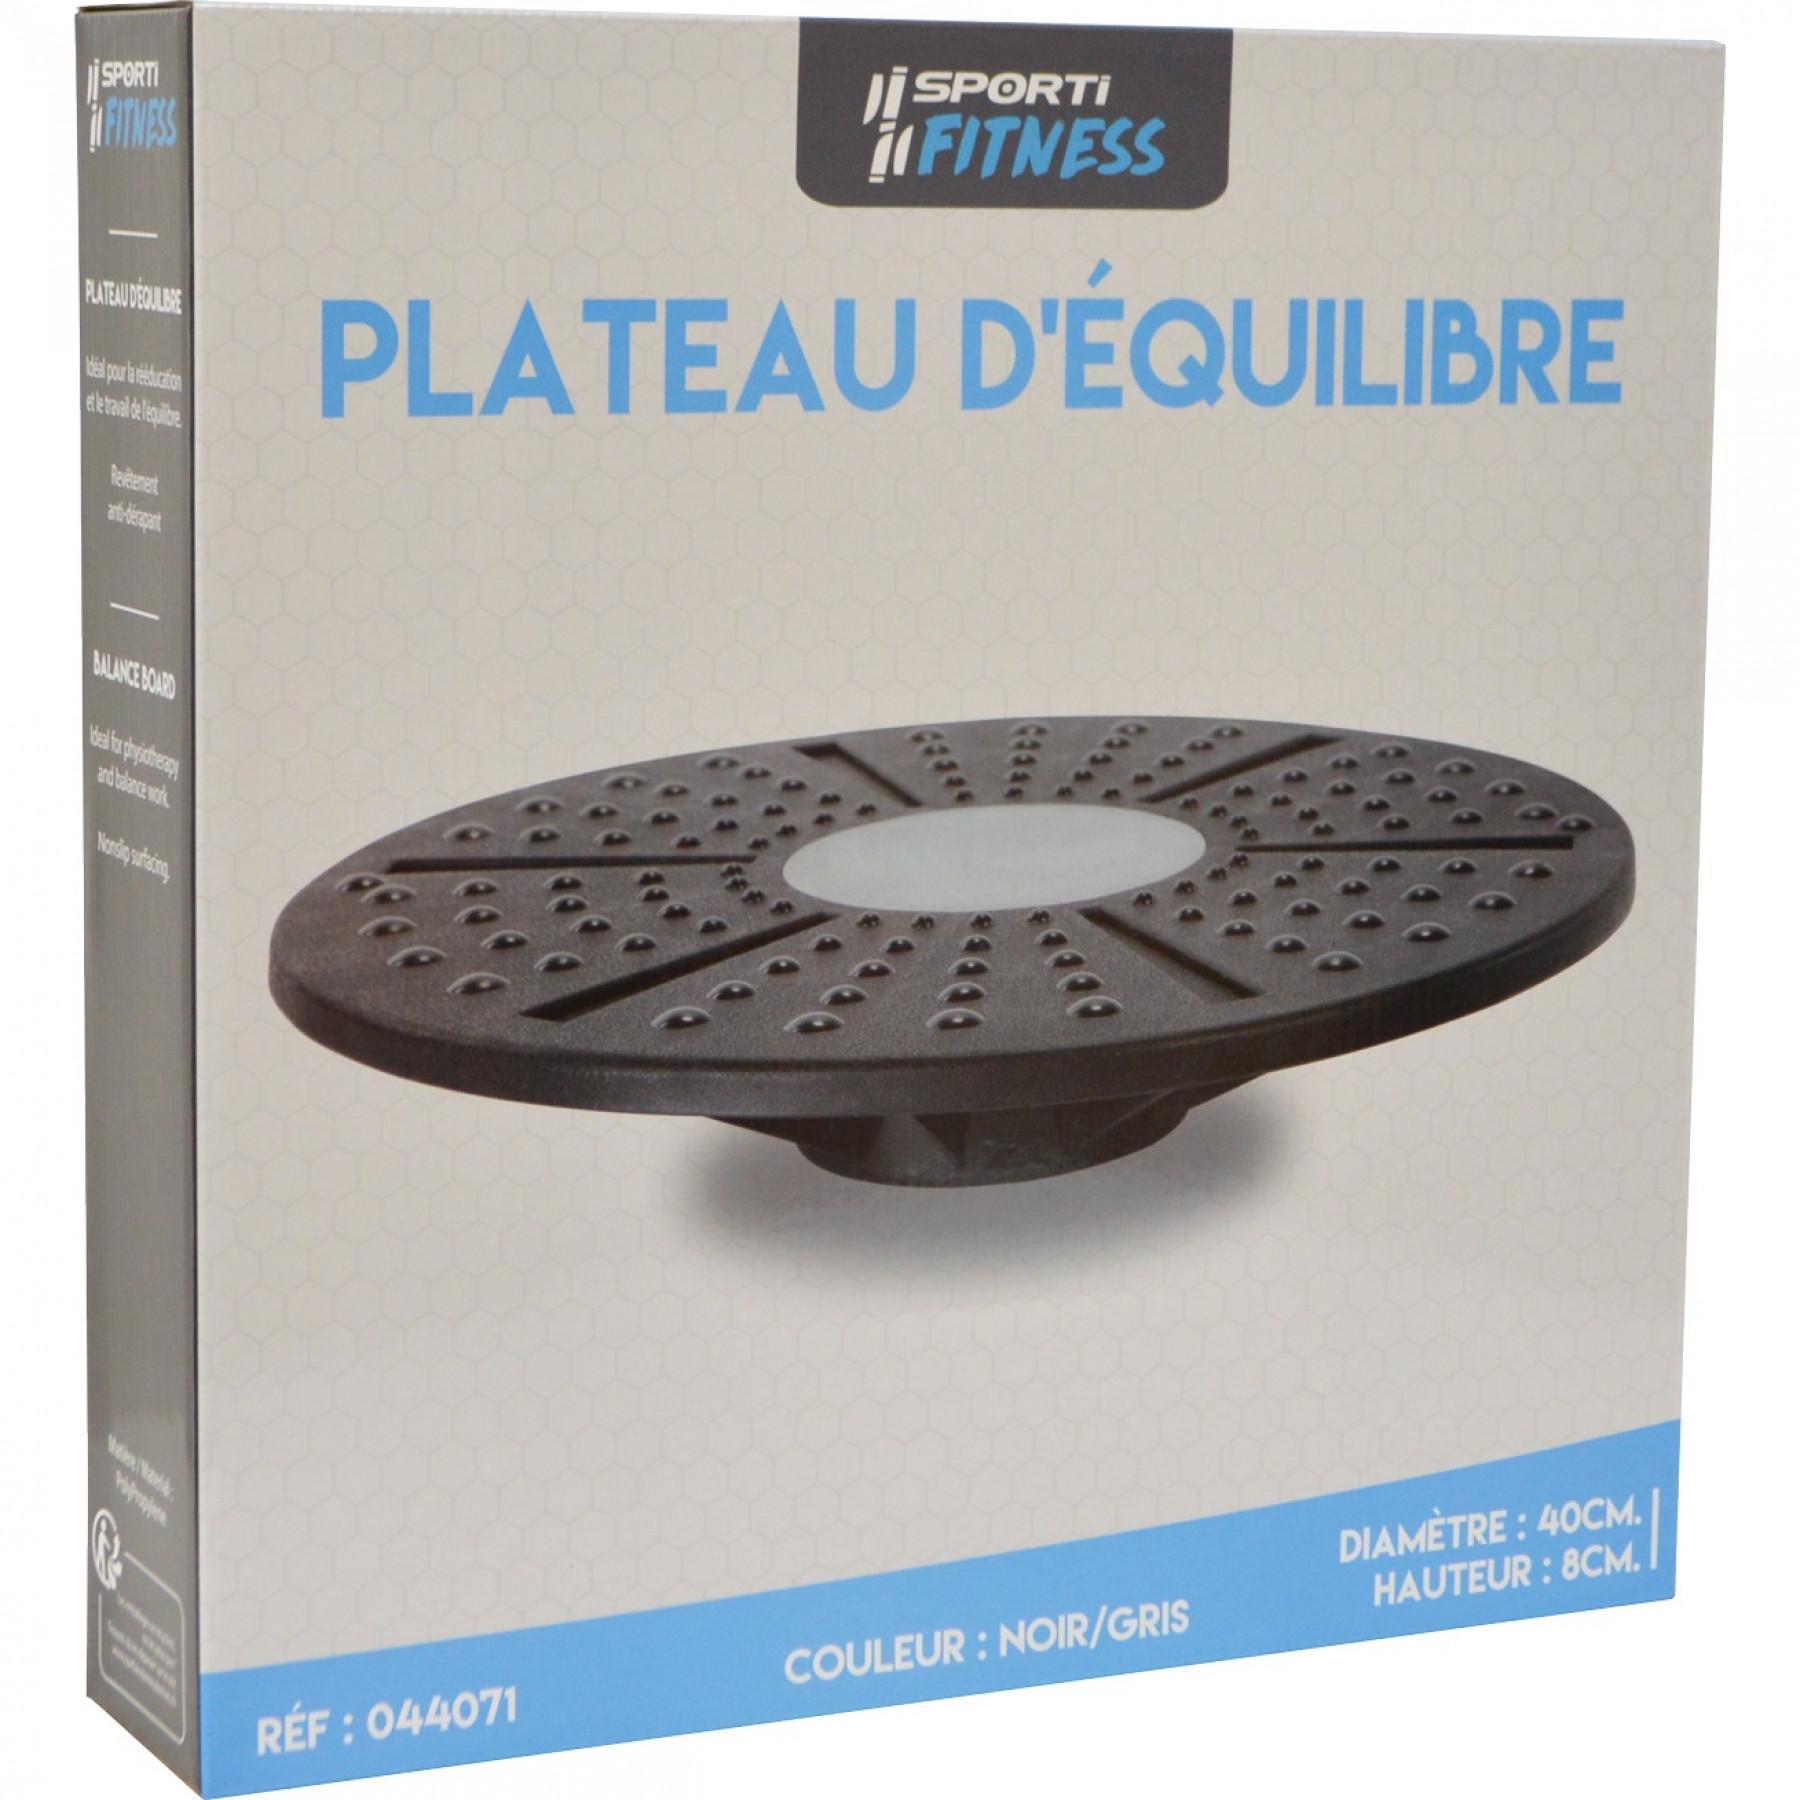 Plateau d'équilibre Sportif Frankreich